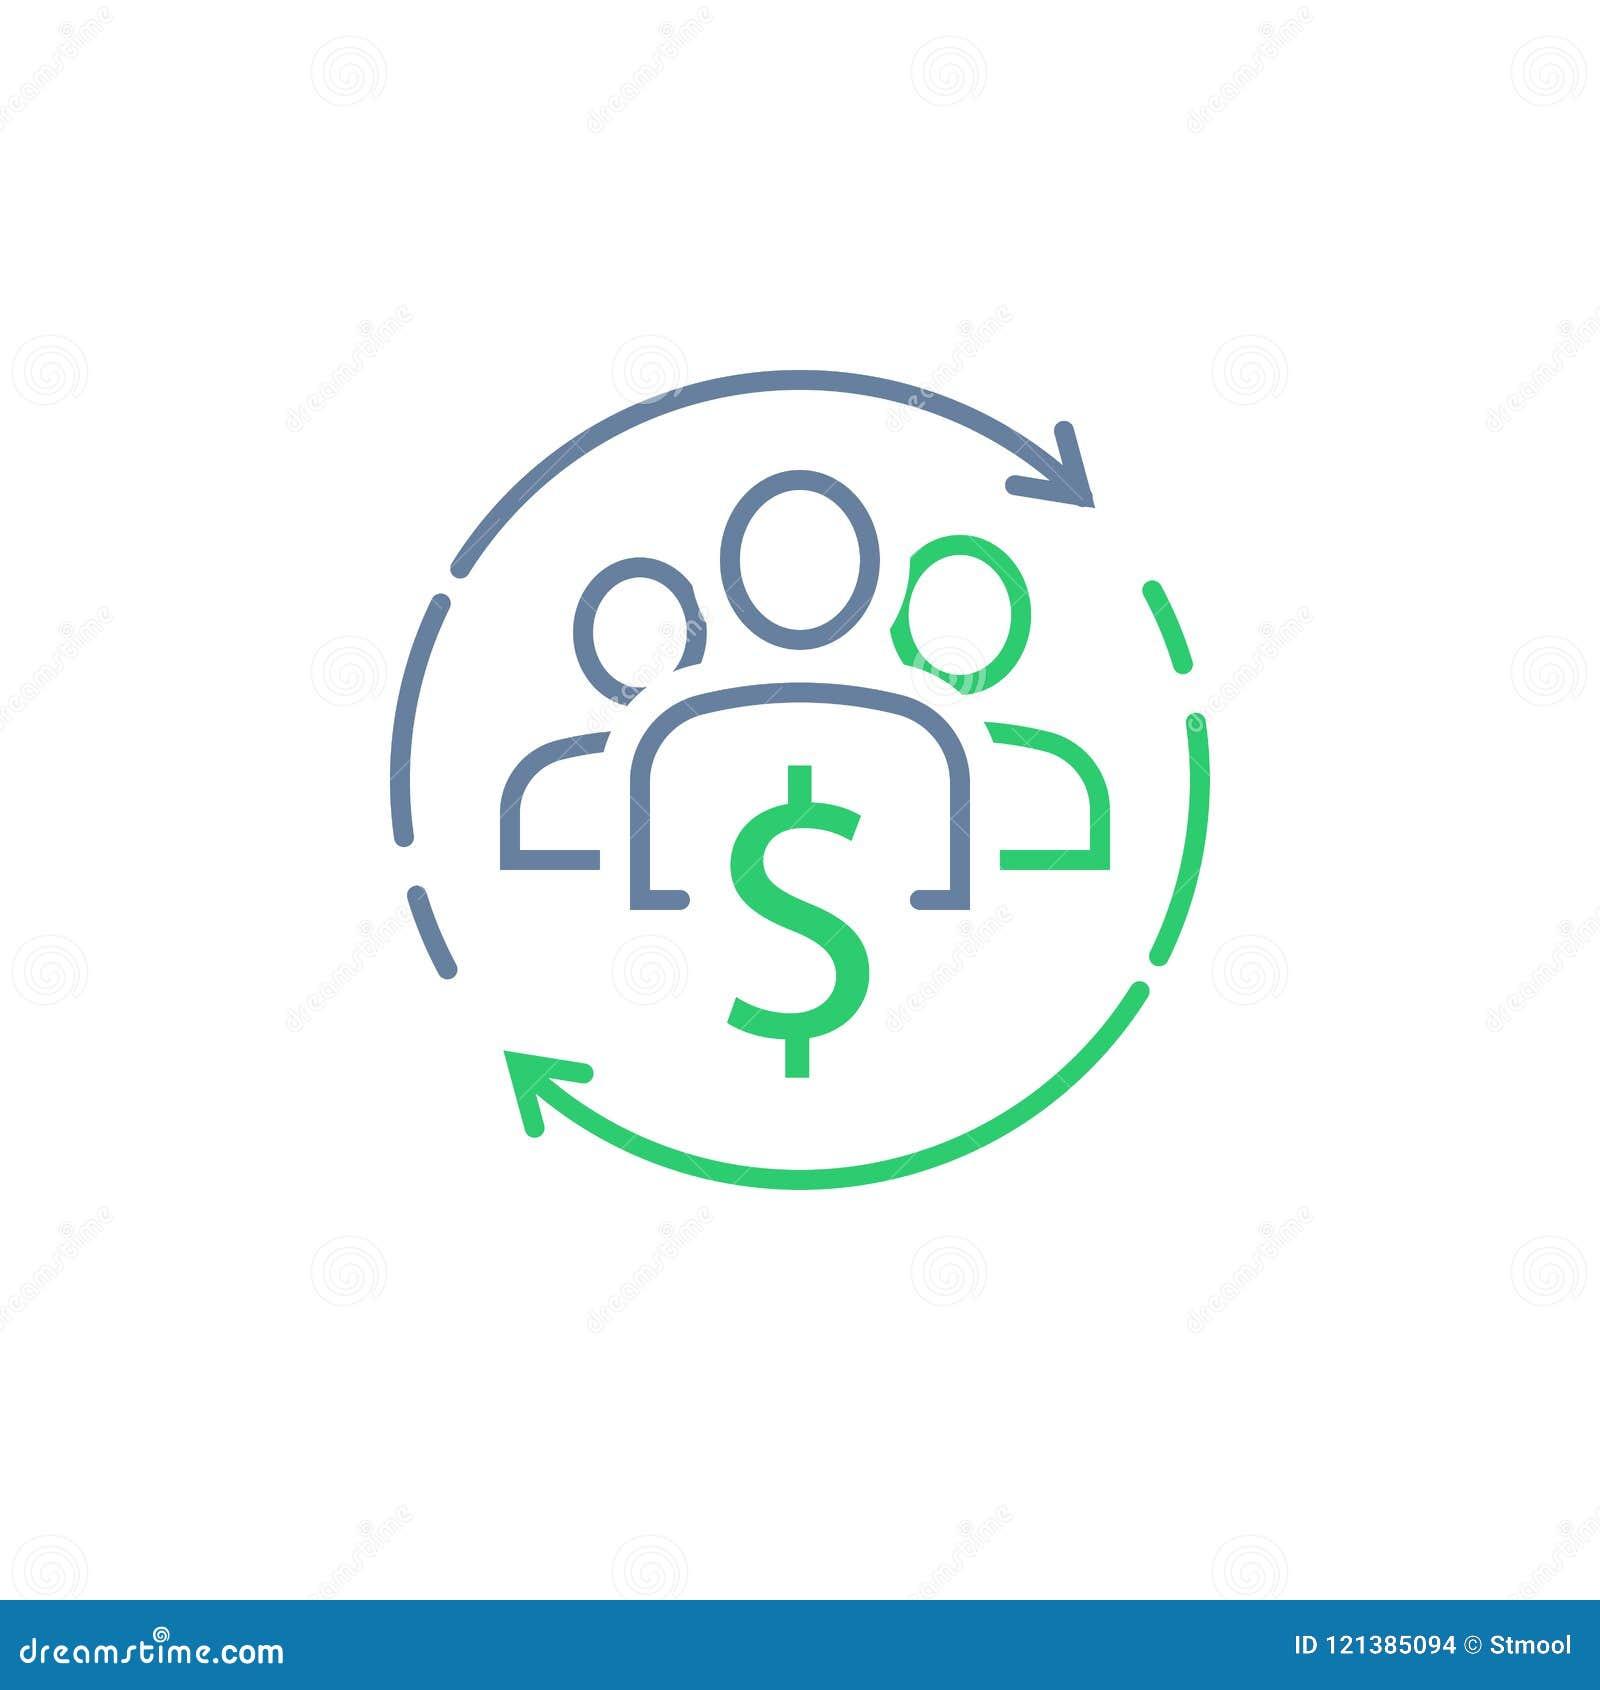 共同基金,公司服务,共有的经济概念,财务管理,新的商业投资,人群源头